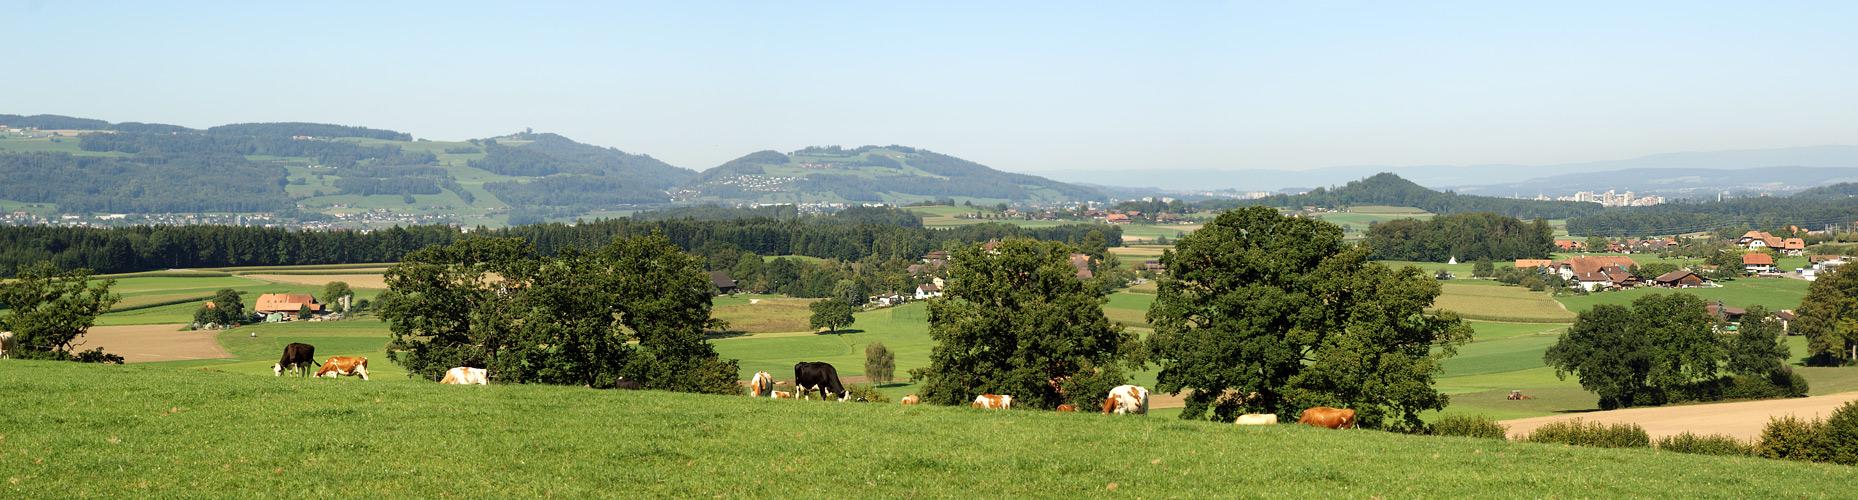 Panorama vom Horn, Trimstein